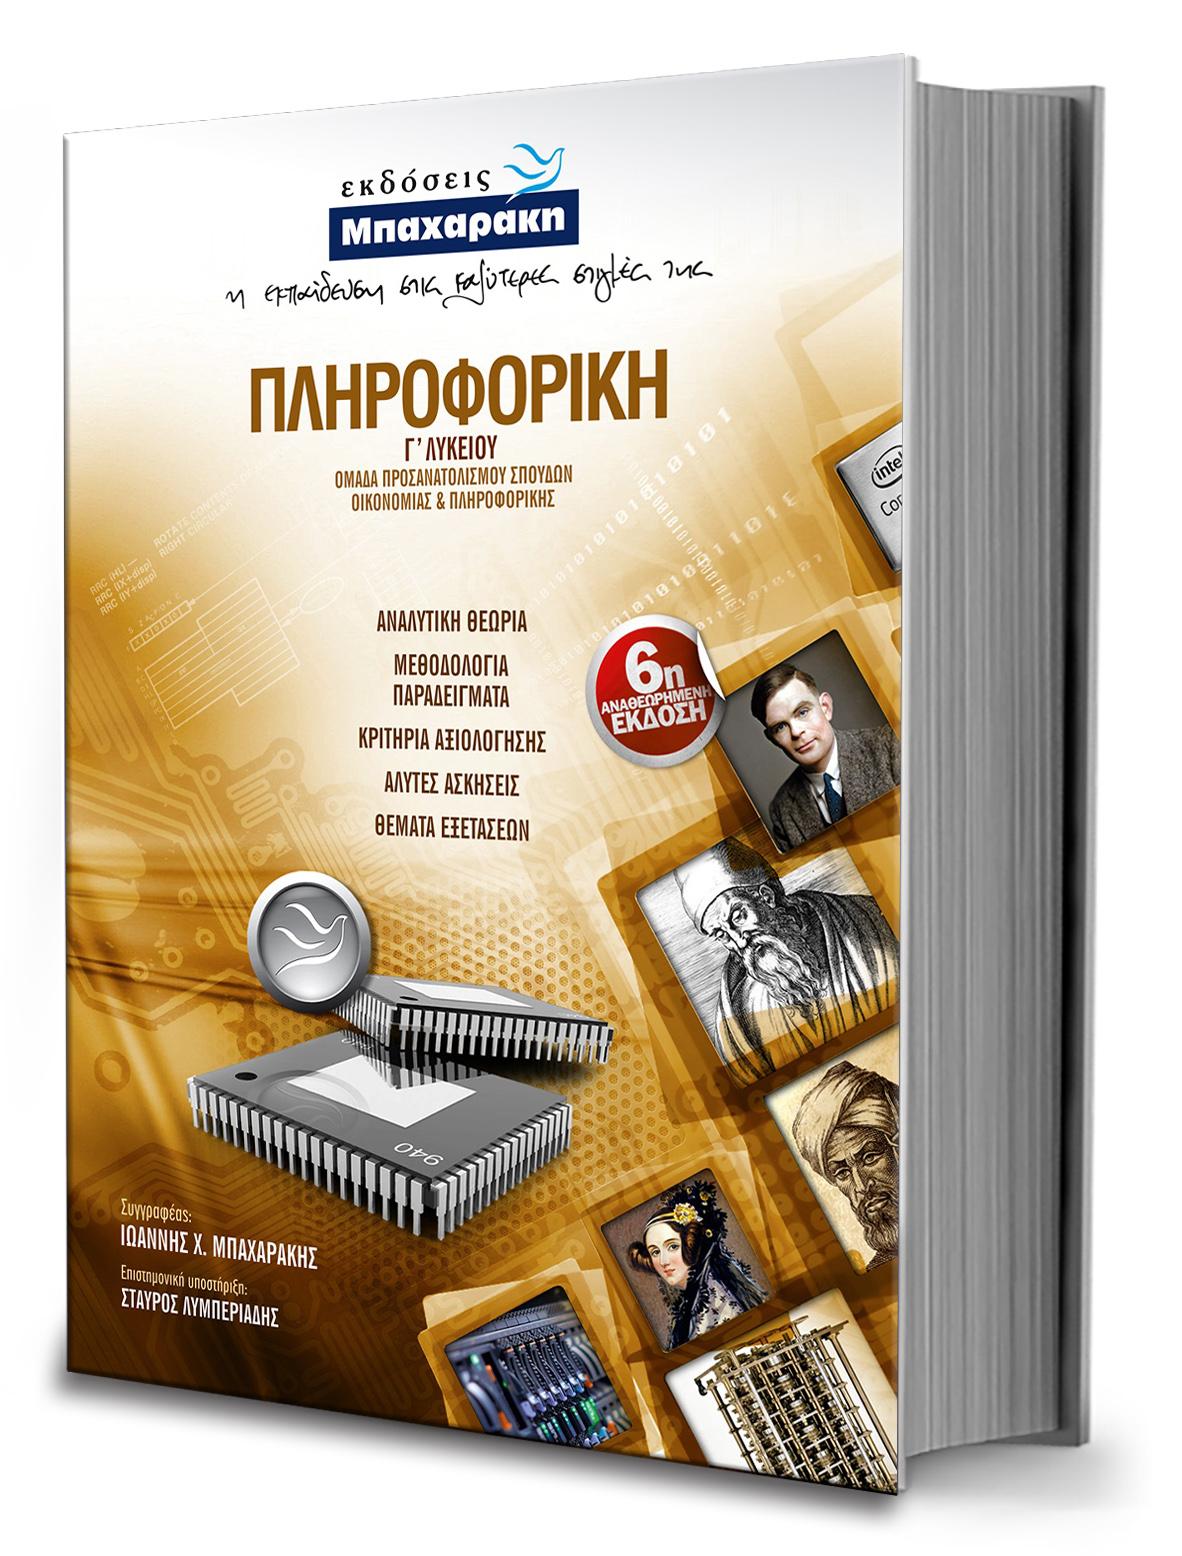 Εκδόσεις Μπαχαράκη: Βίβλίο με τίτλο: ΑΝΑΠΤΥΞΗ ΕΦΑΡΜΟΓΩΝ ΣΕ ΠΡΟΓΡΑΜΜΑΤΙΣΤΙΚΟ ΠΕΡΙΒΑΛΛΟΝ Σπουδών Οικονομίας και Πληροφορικής Γ' Λυκείου